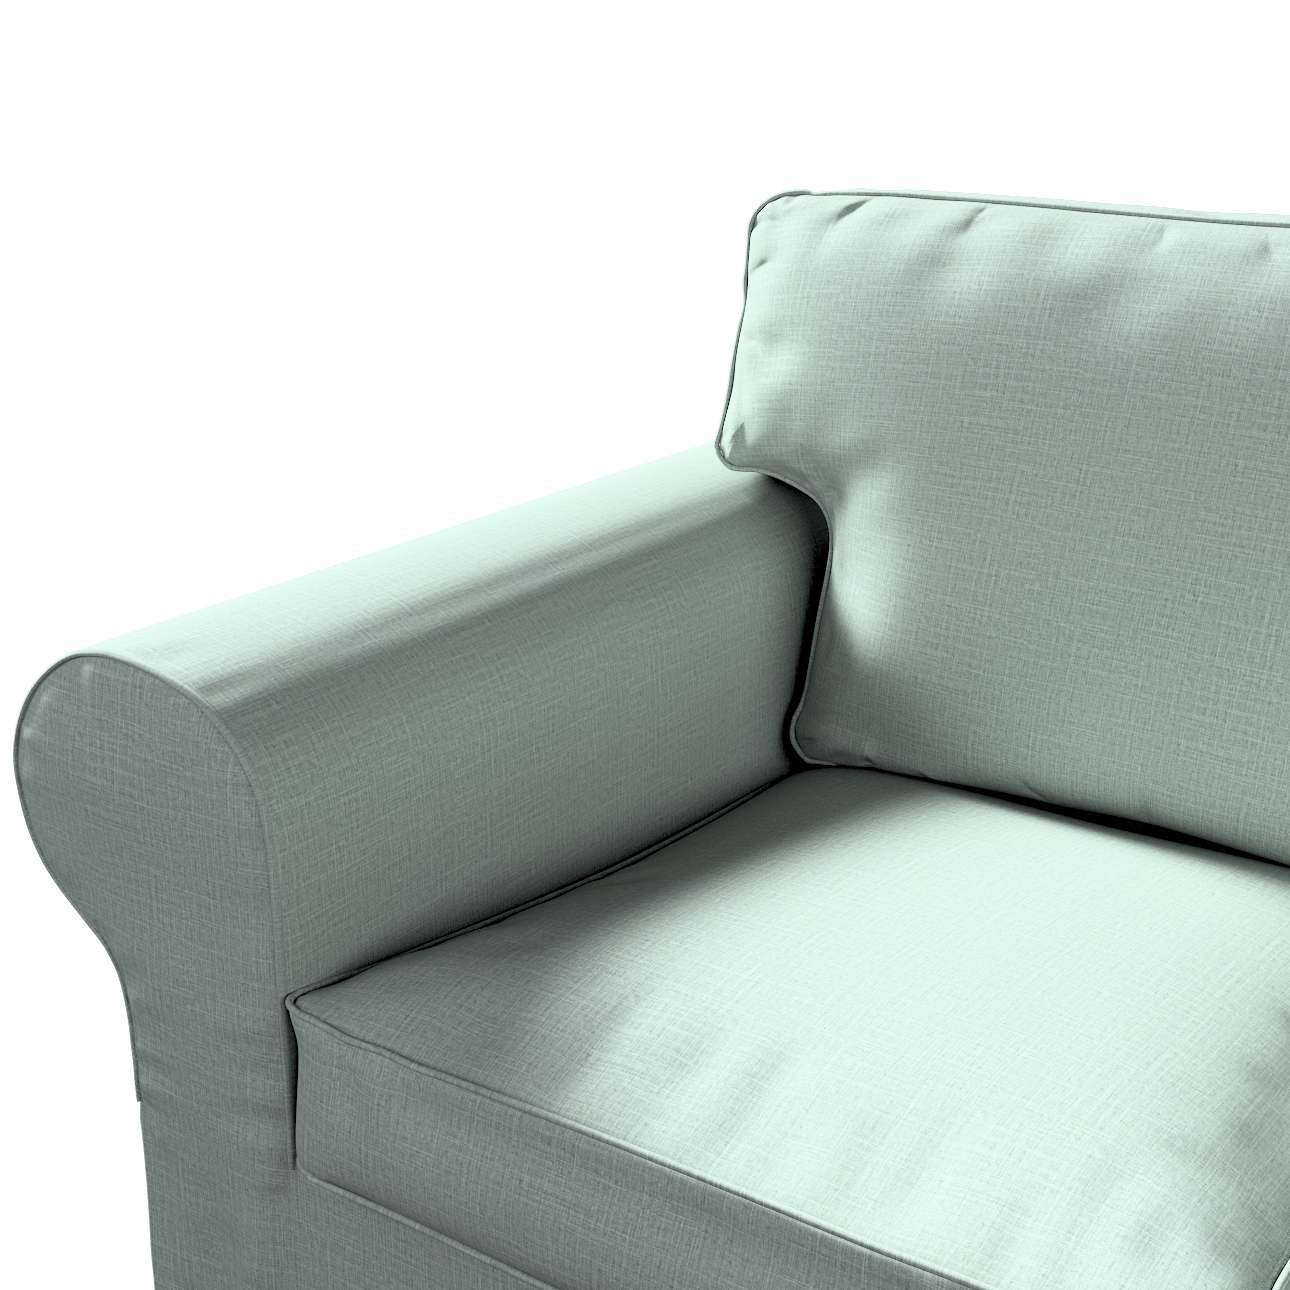 Pokrowiec na sofę Ektorp 3-osobową, rozkładaną, PIXBO w kolekcji Living II, tkanina: 160-86